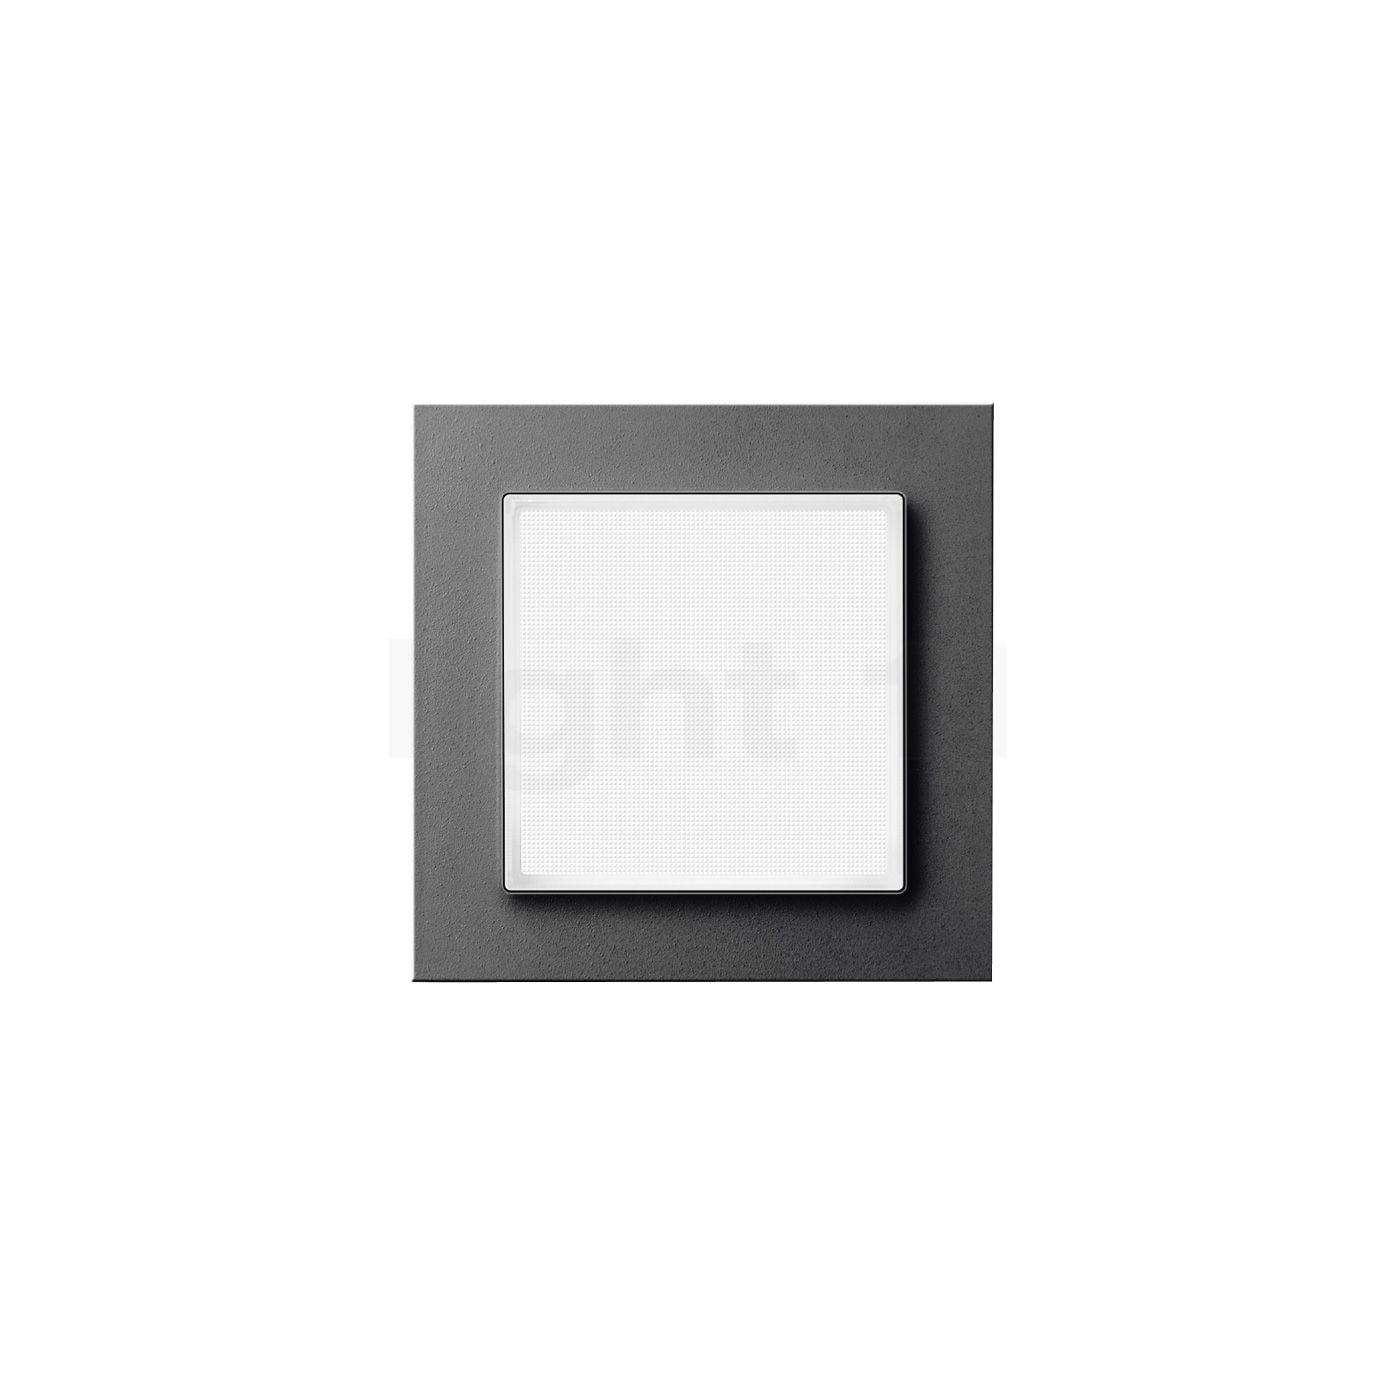 bega 33234 lampe murale plafonnier led. Black Bedroom Furniture Sets. Home Design Ideas